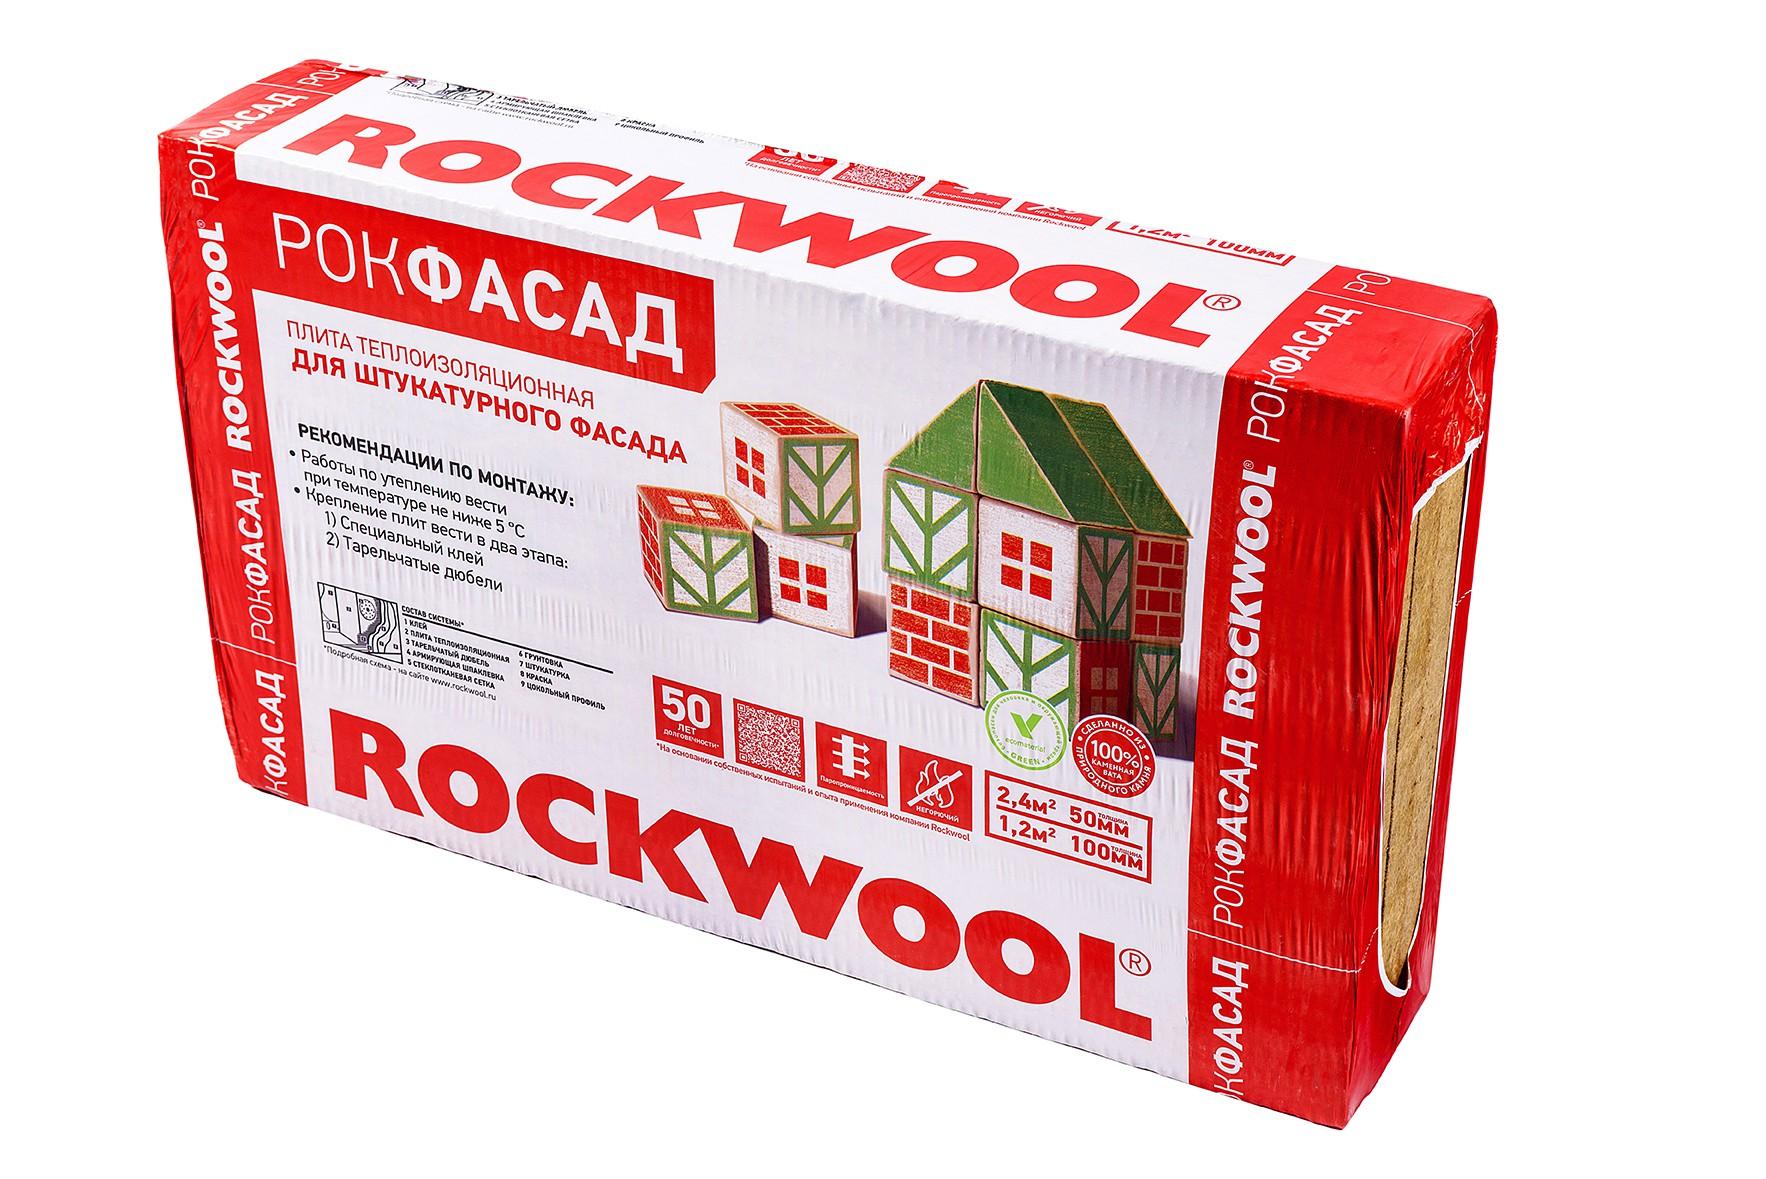 Купить Минеральная вата Rockwool Рокфасад 1000x600 толщина 50 мм (4 плиты в упаковке) — Фото №1